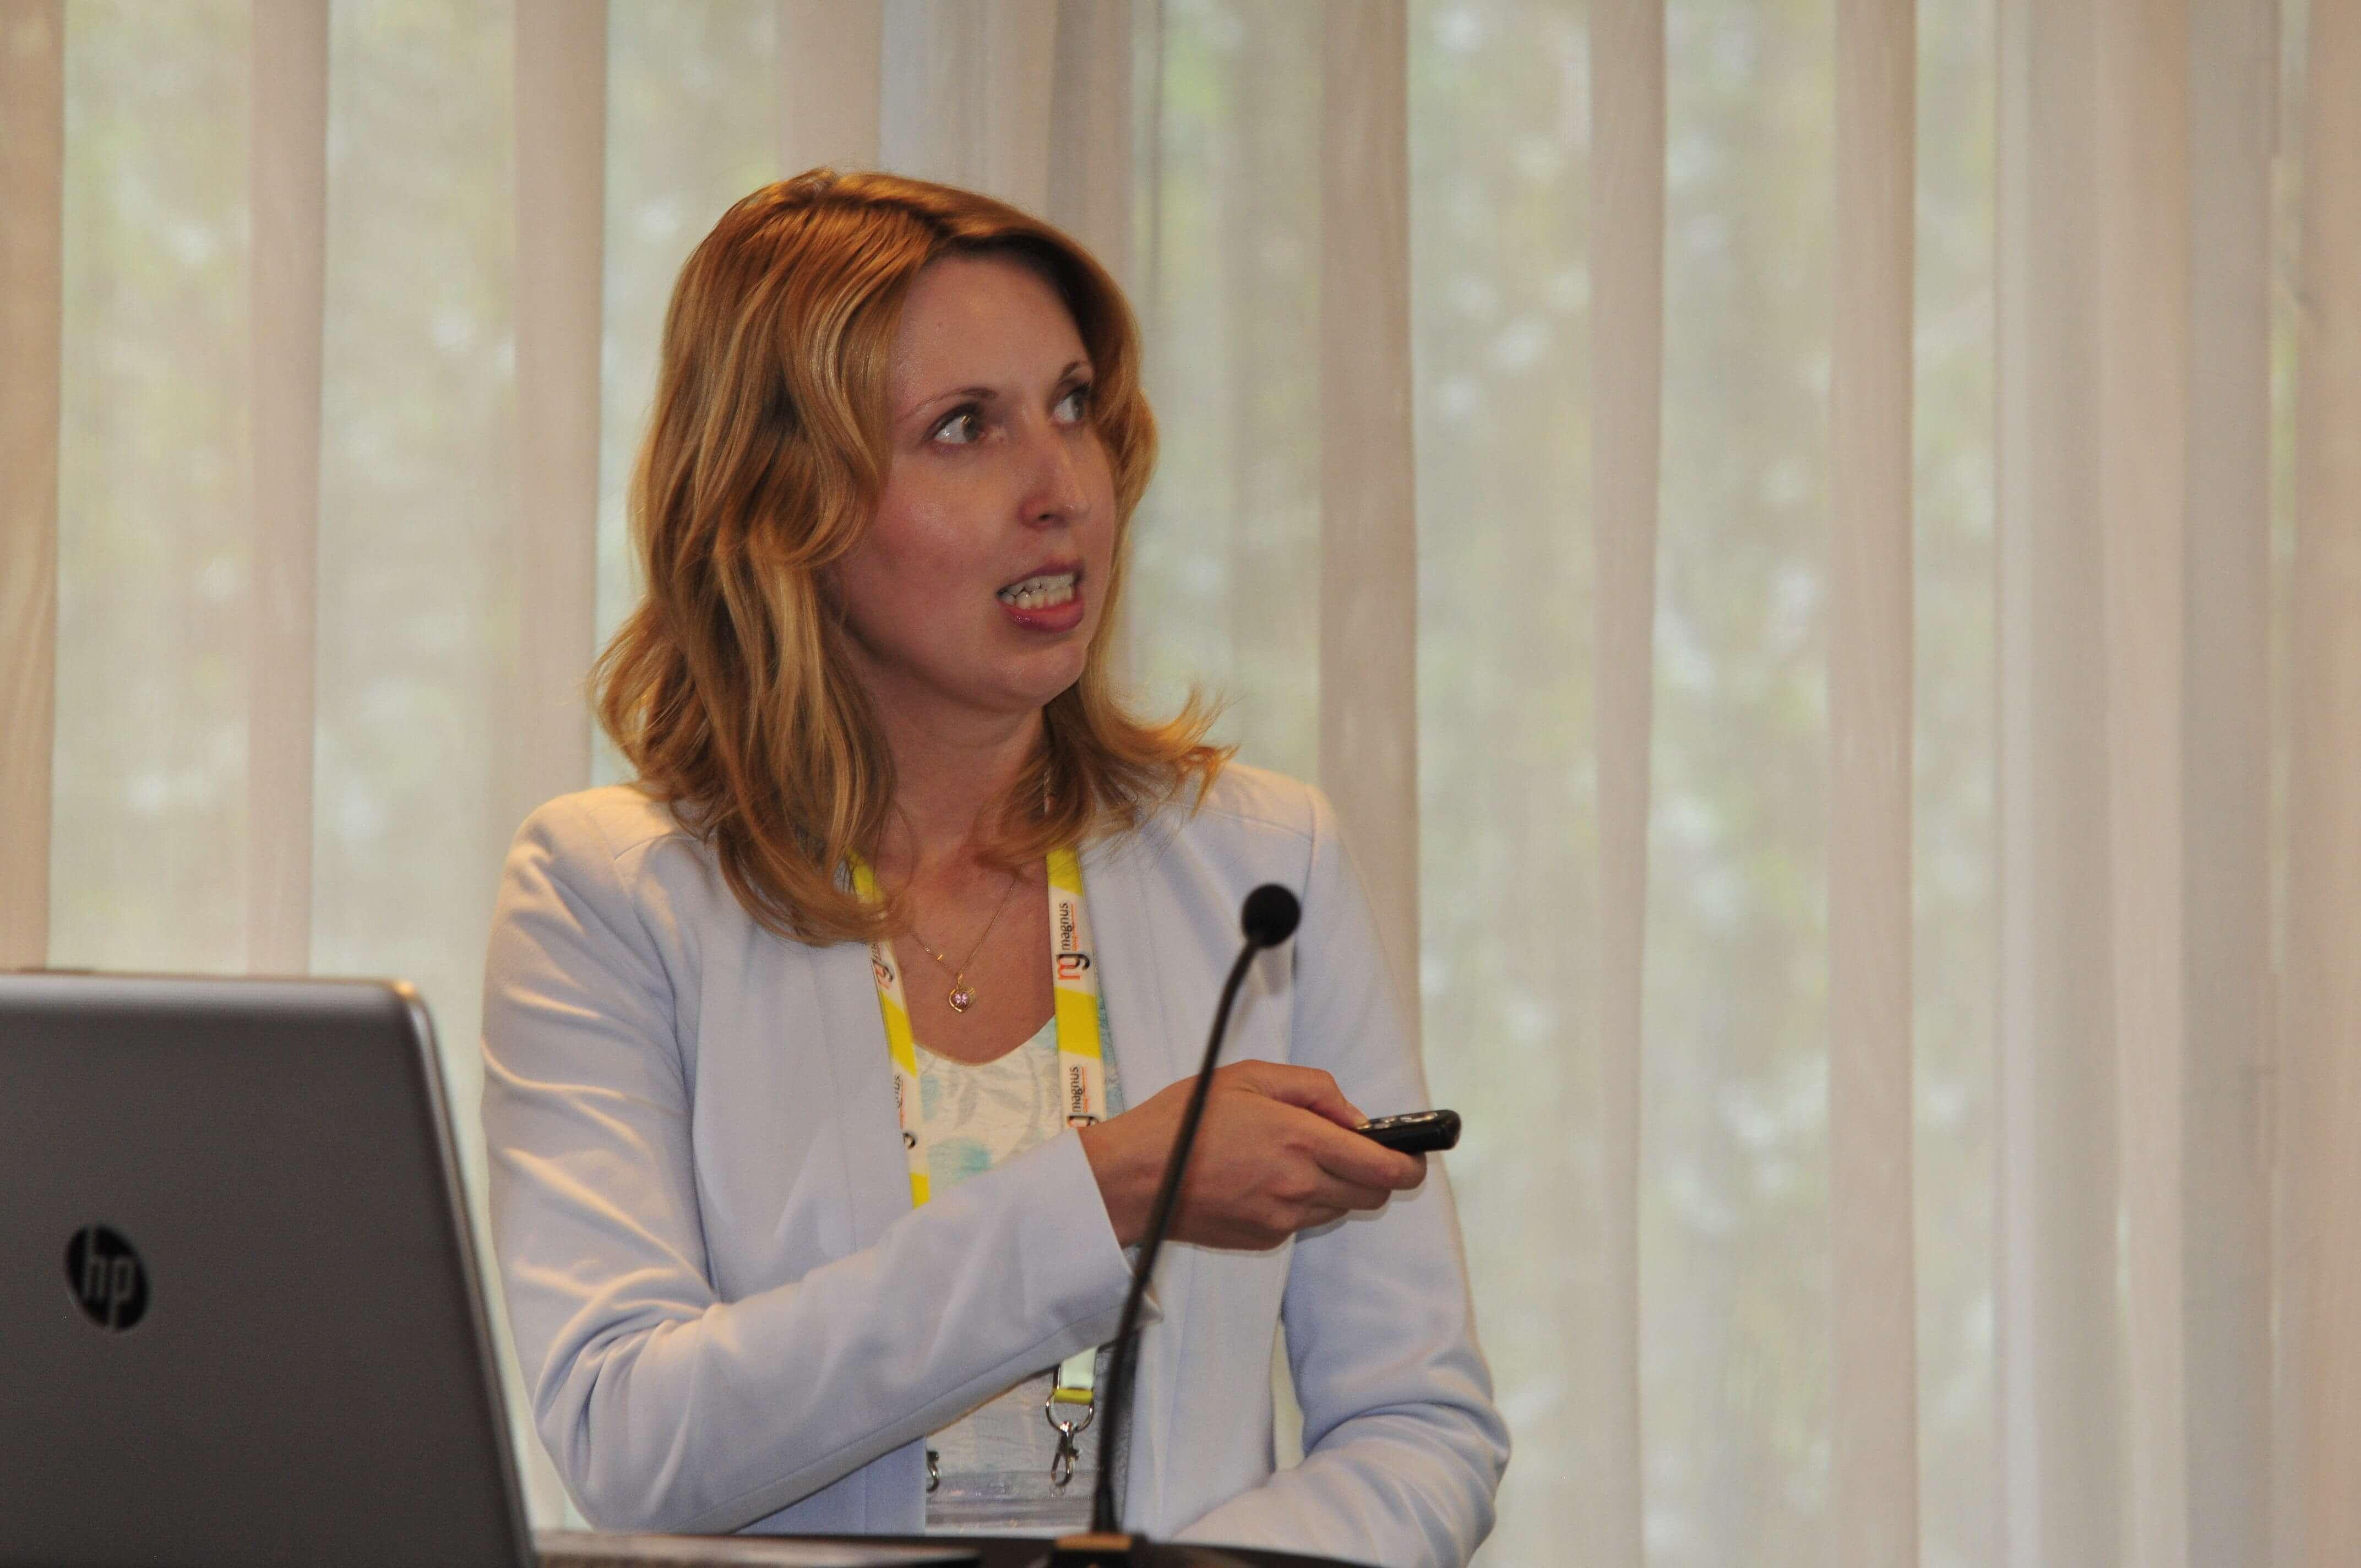 Potential speakers for Pharma Conferences 2020-Jitka Pracharova